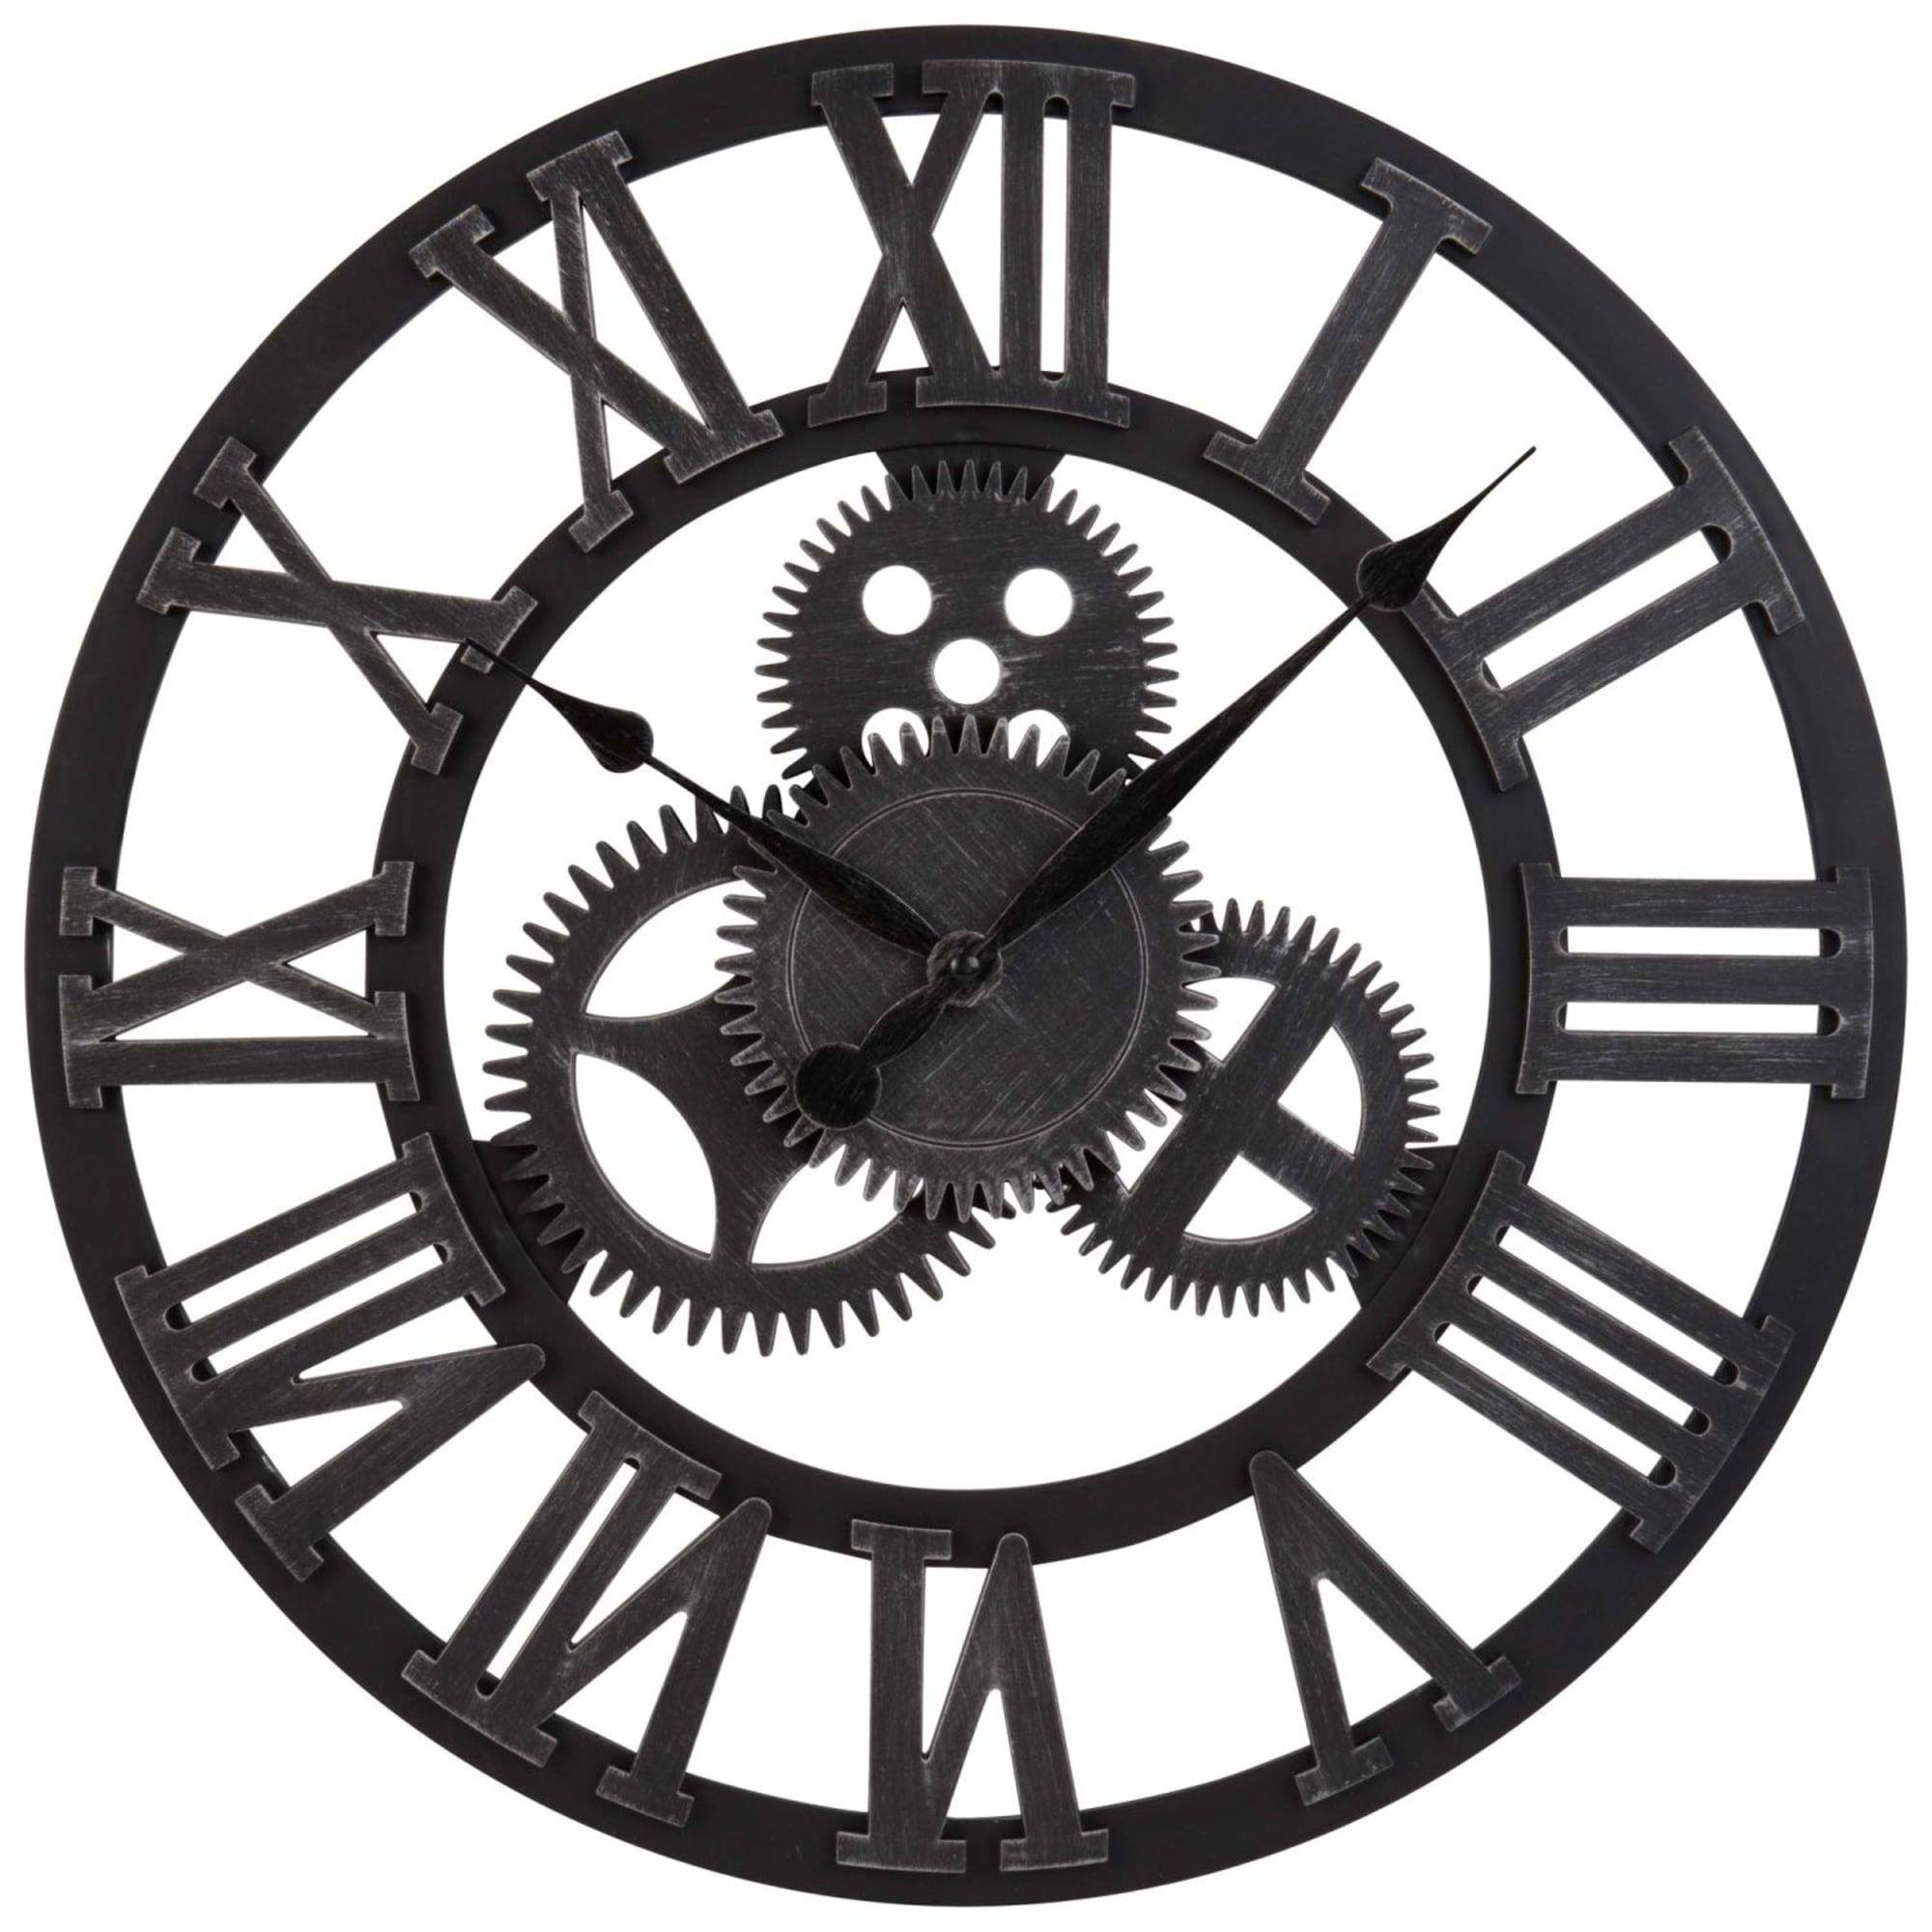 Horloge à Rouages D46 Horloge Maison Du Monde Horloge